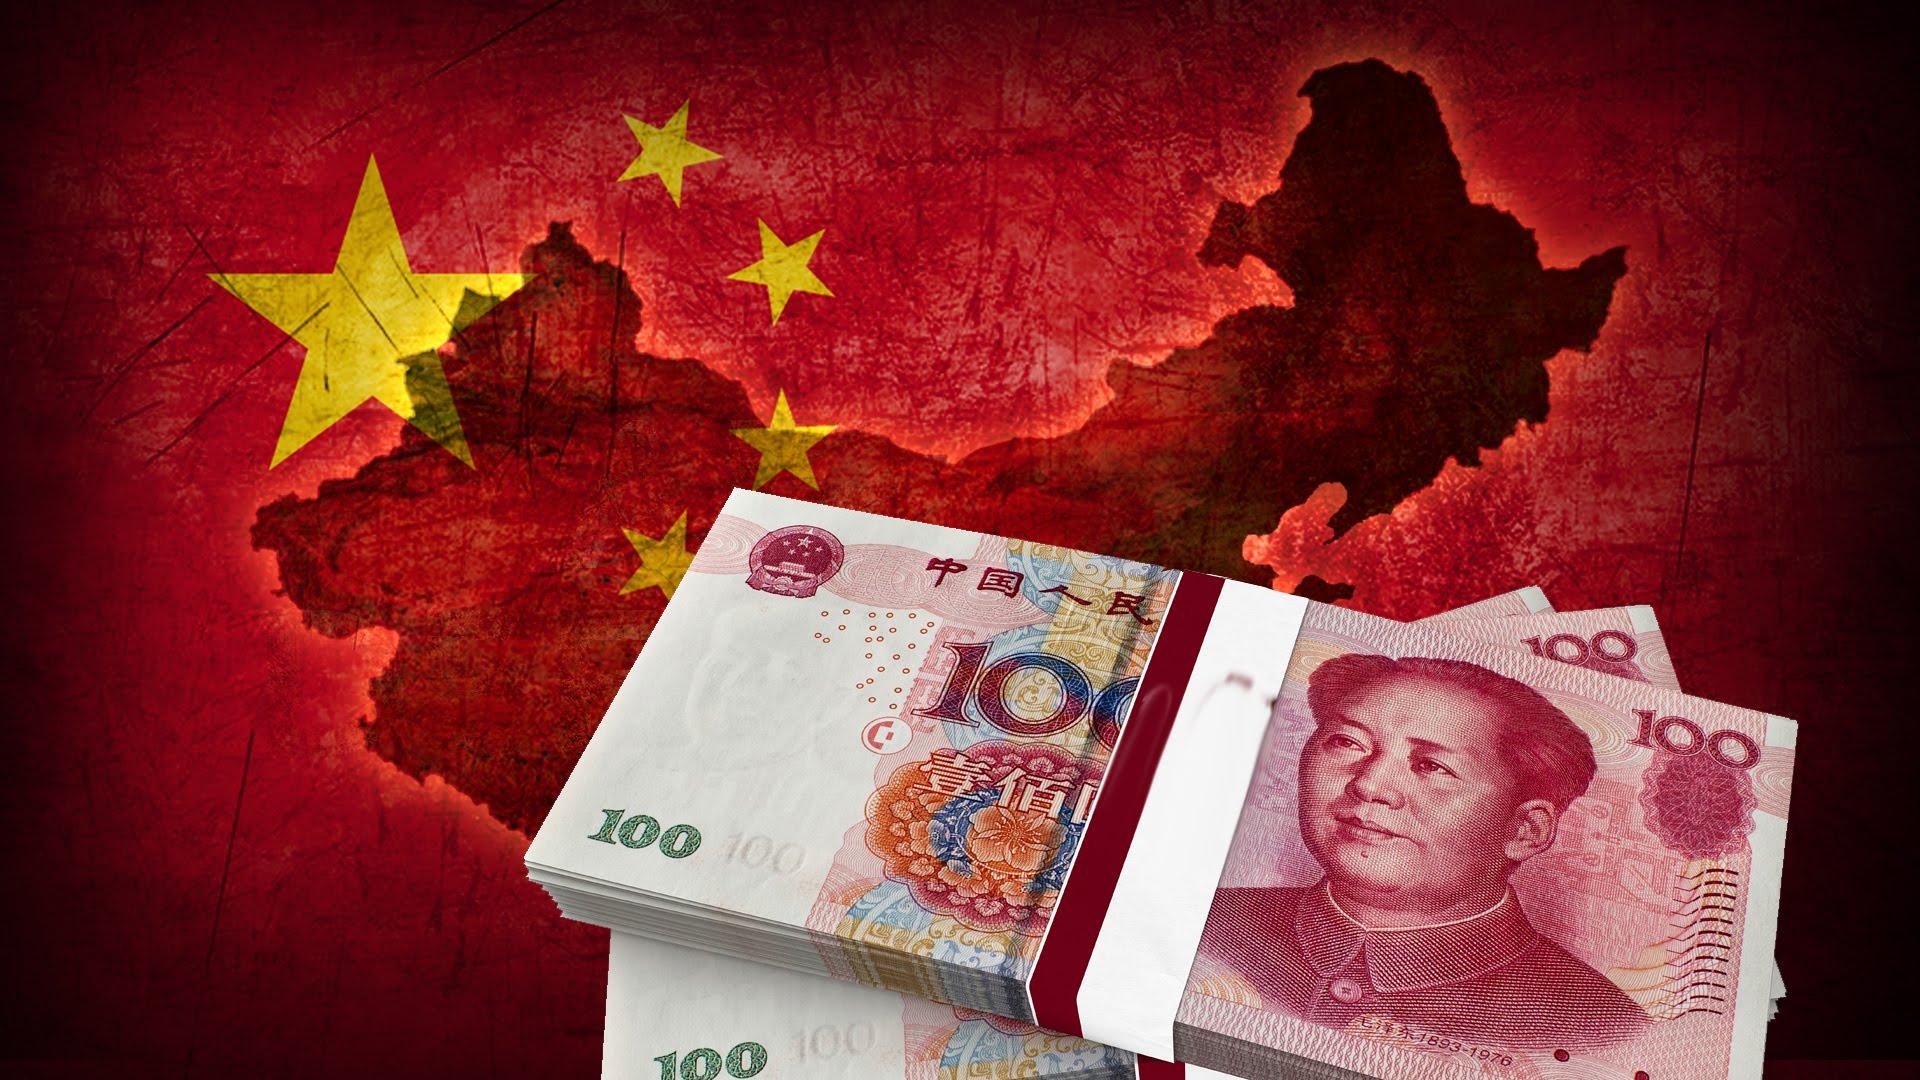 Phương Tây hiểu sai như thế nào về kinh tế Trung Quốc?